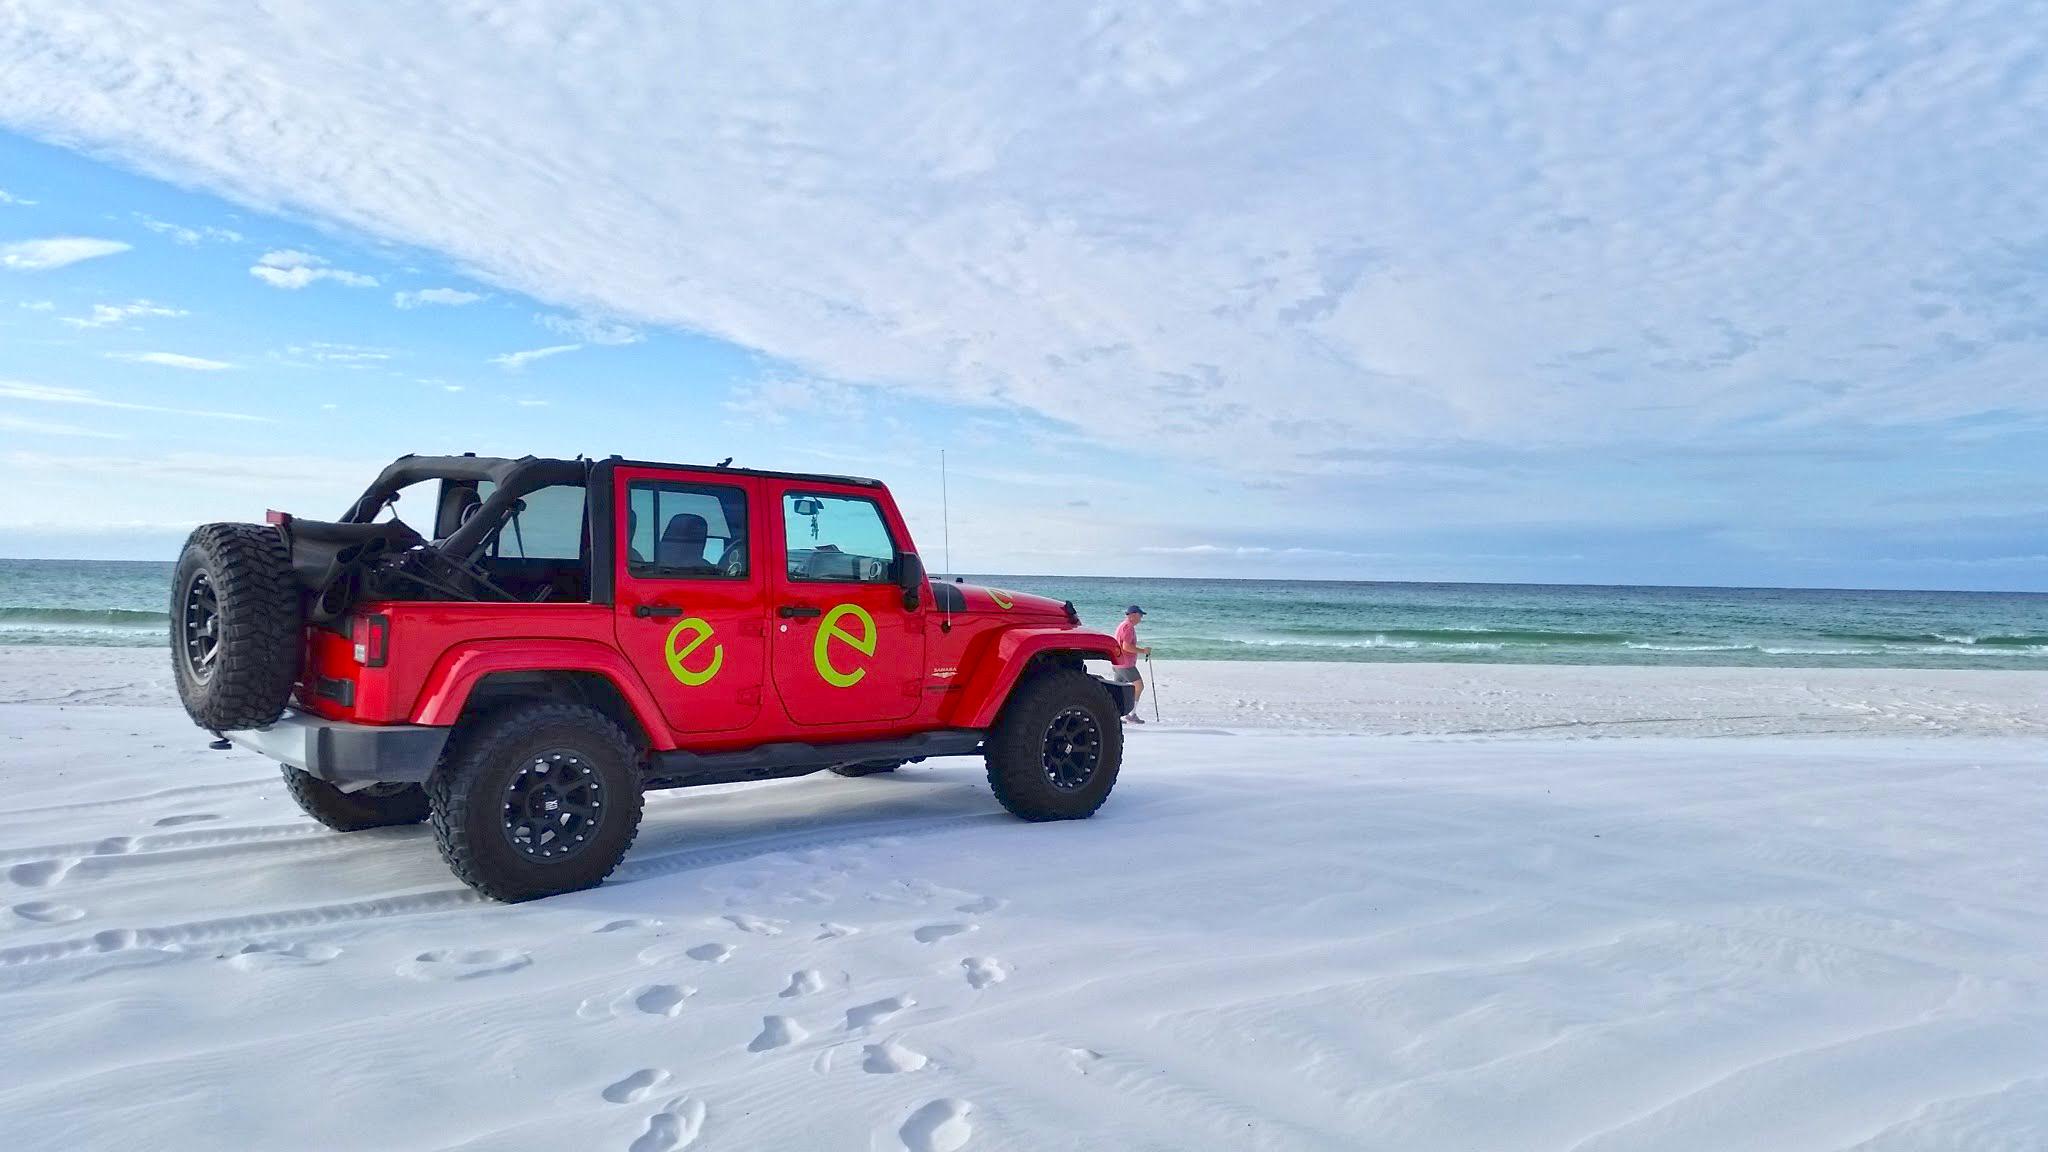 Off raod vehicle on beach trail